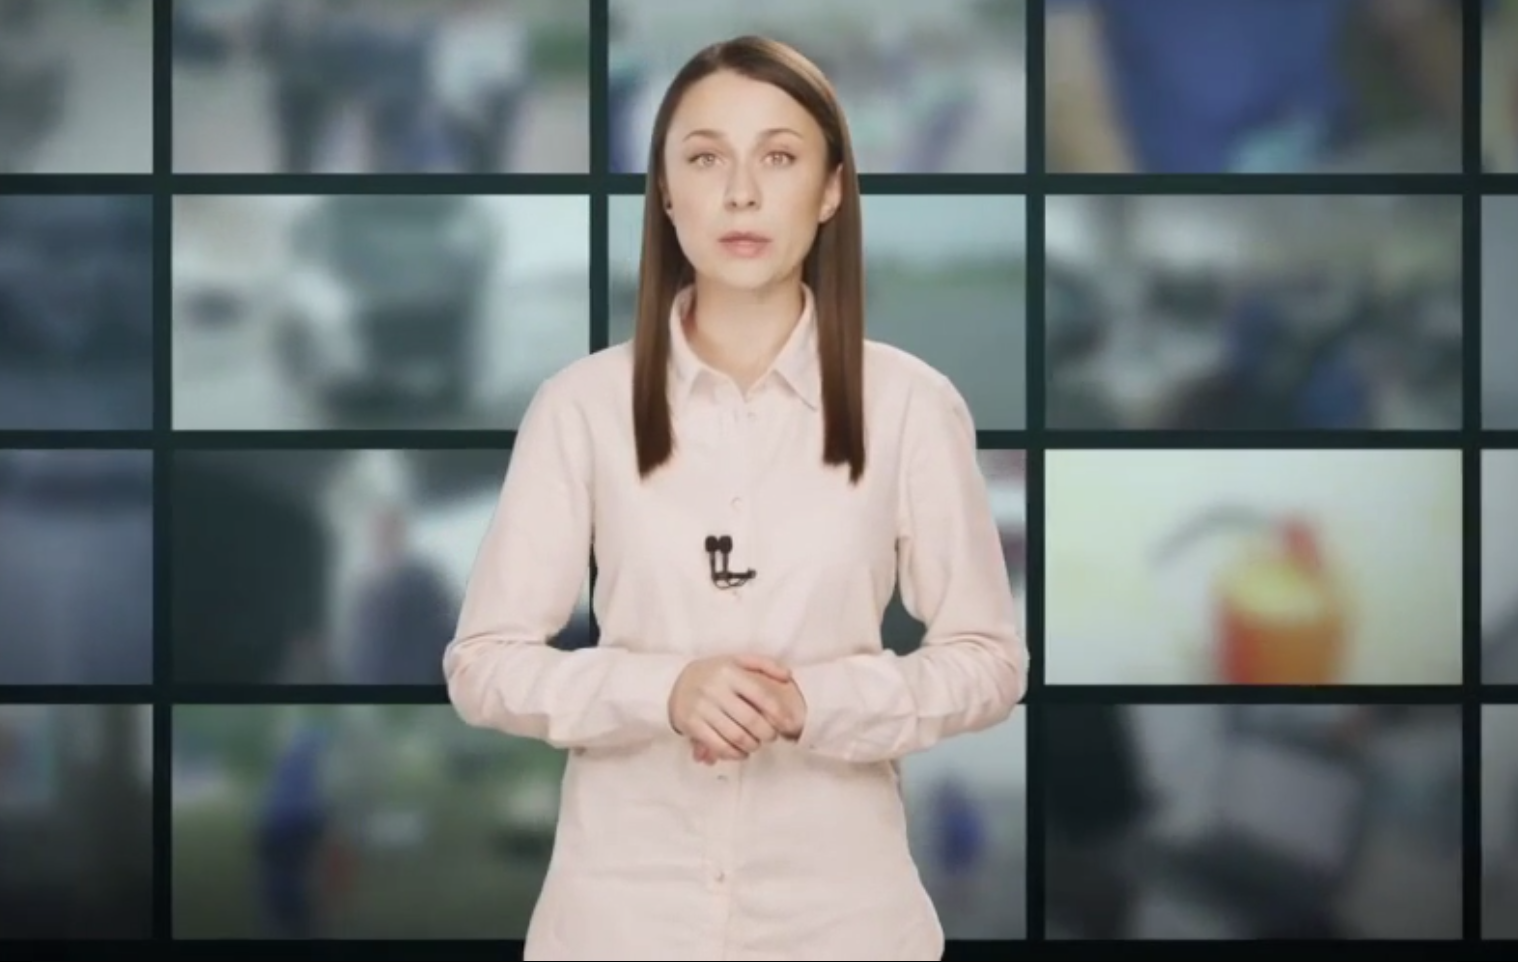 Технологии удобства: создание информационных видеороликов с помощью ИИ